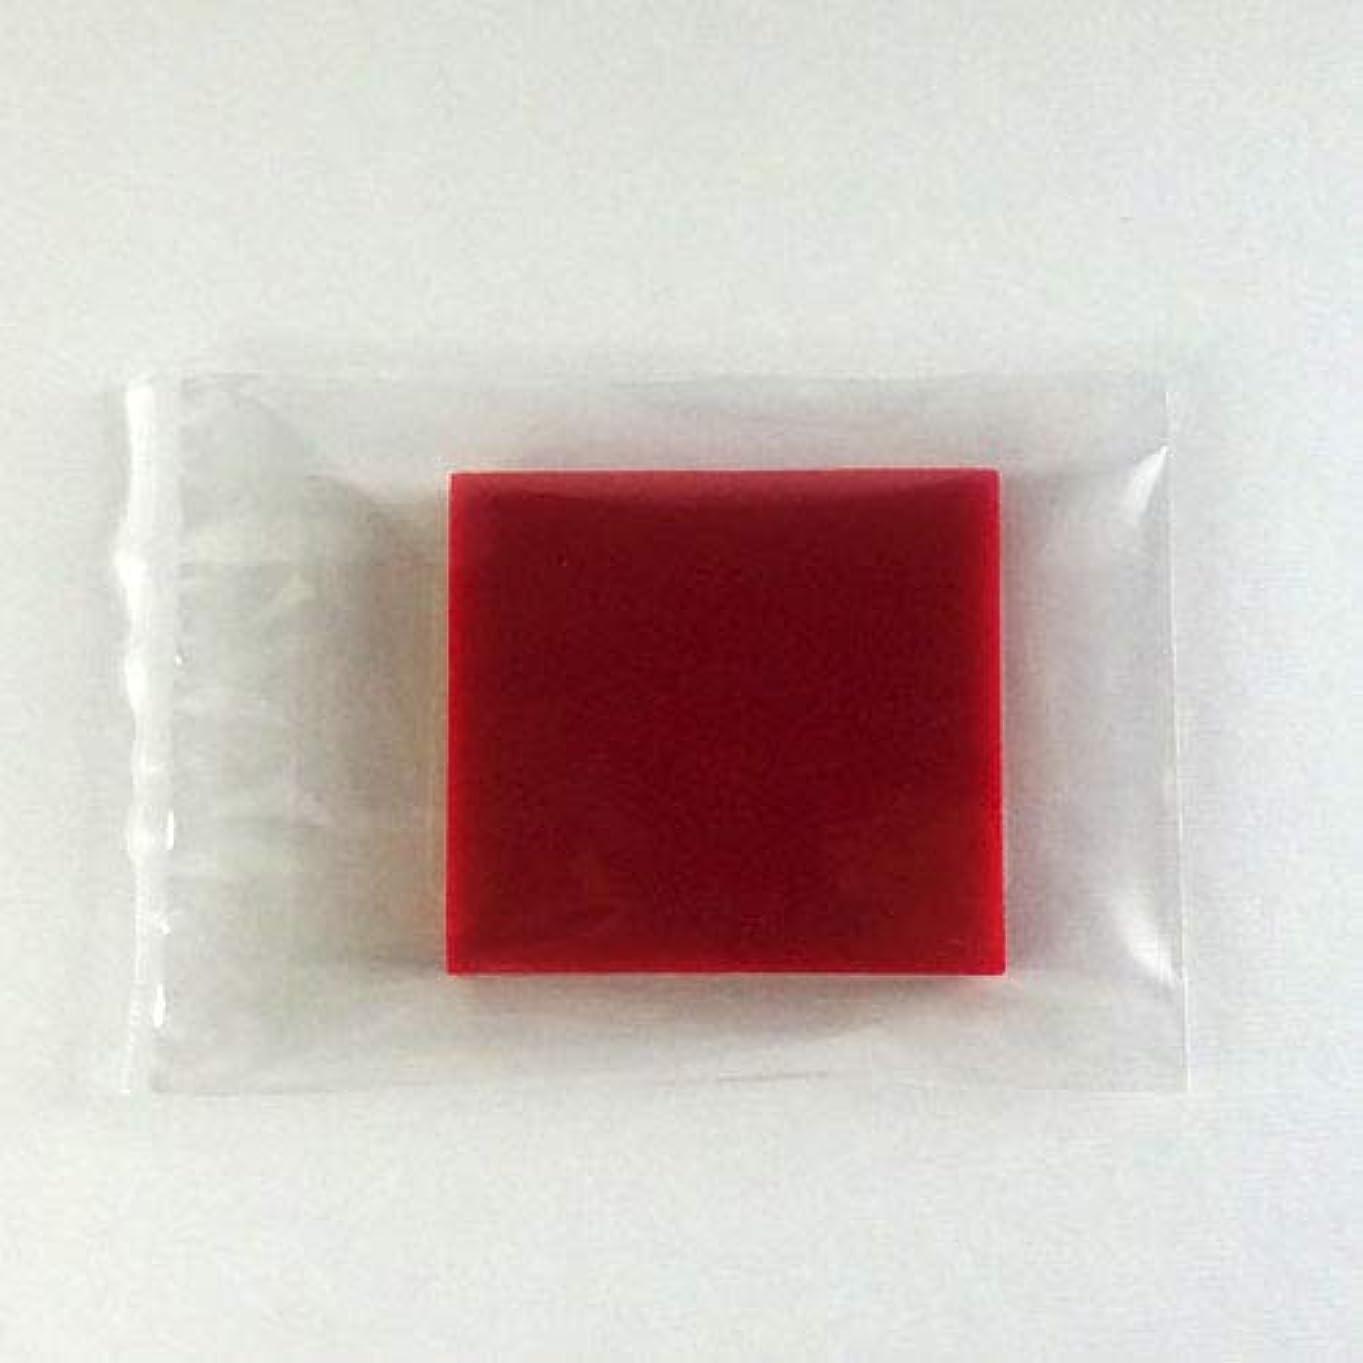 時計回り線迫害グリセリンソープ MPソープ 色チップ 赤(レッド) 120g(30g x 4pc)